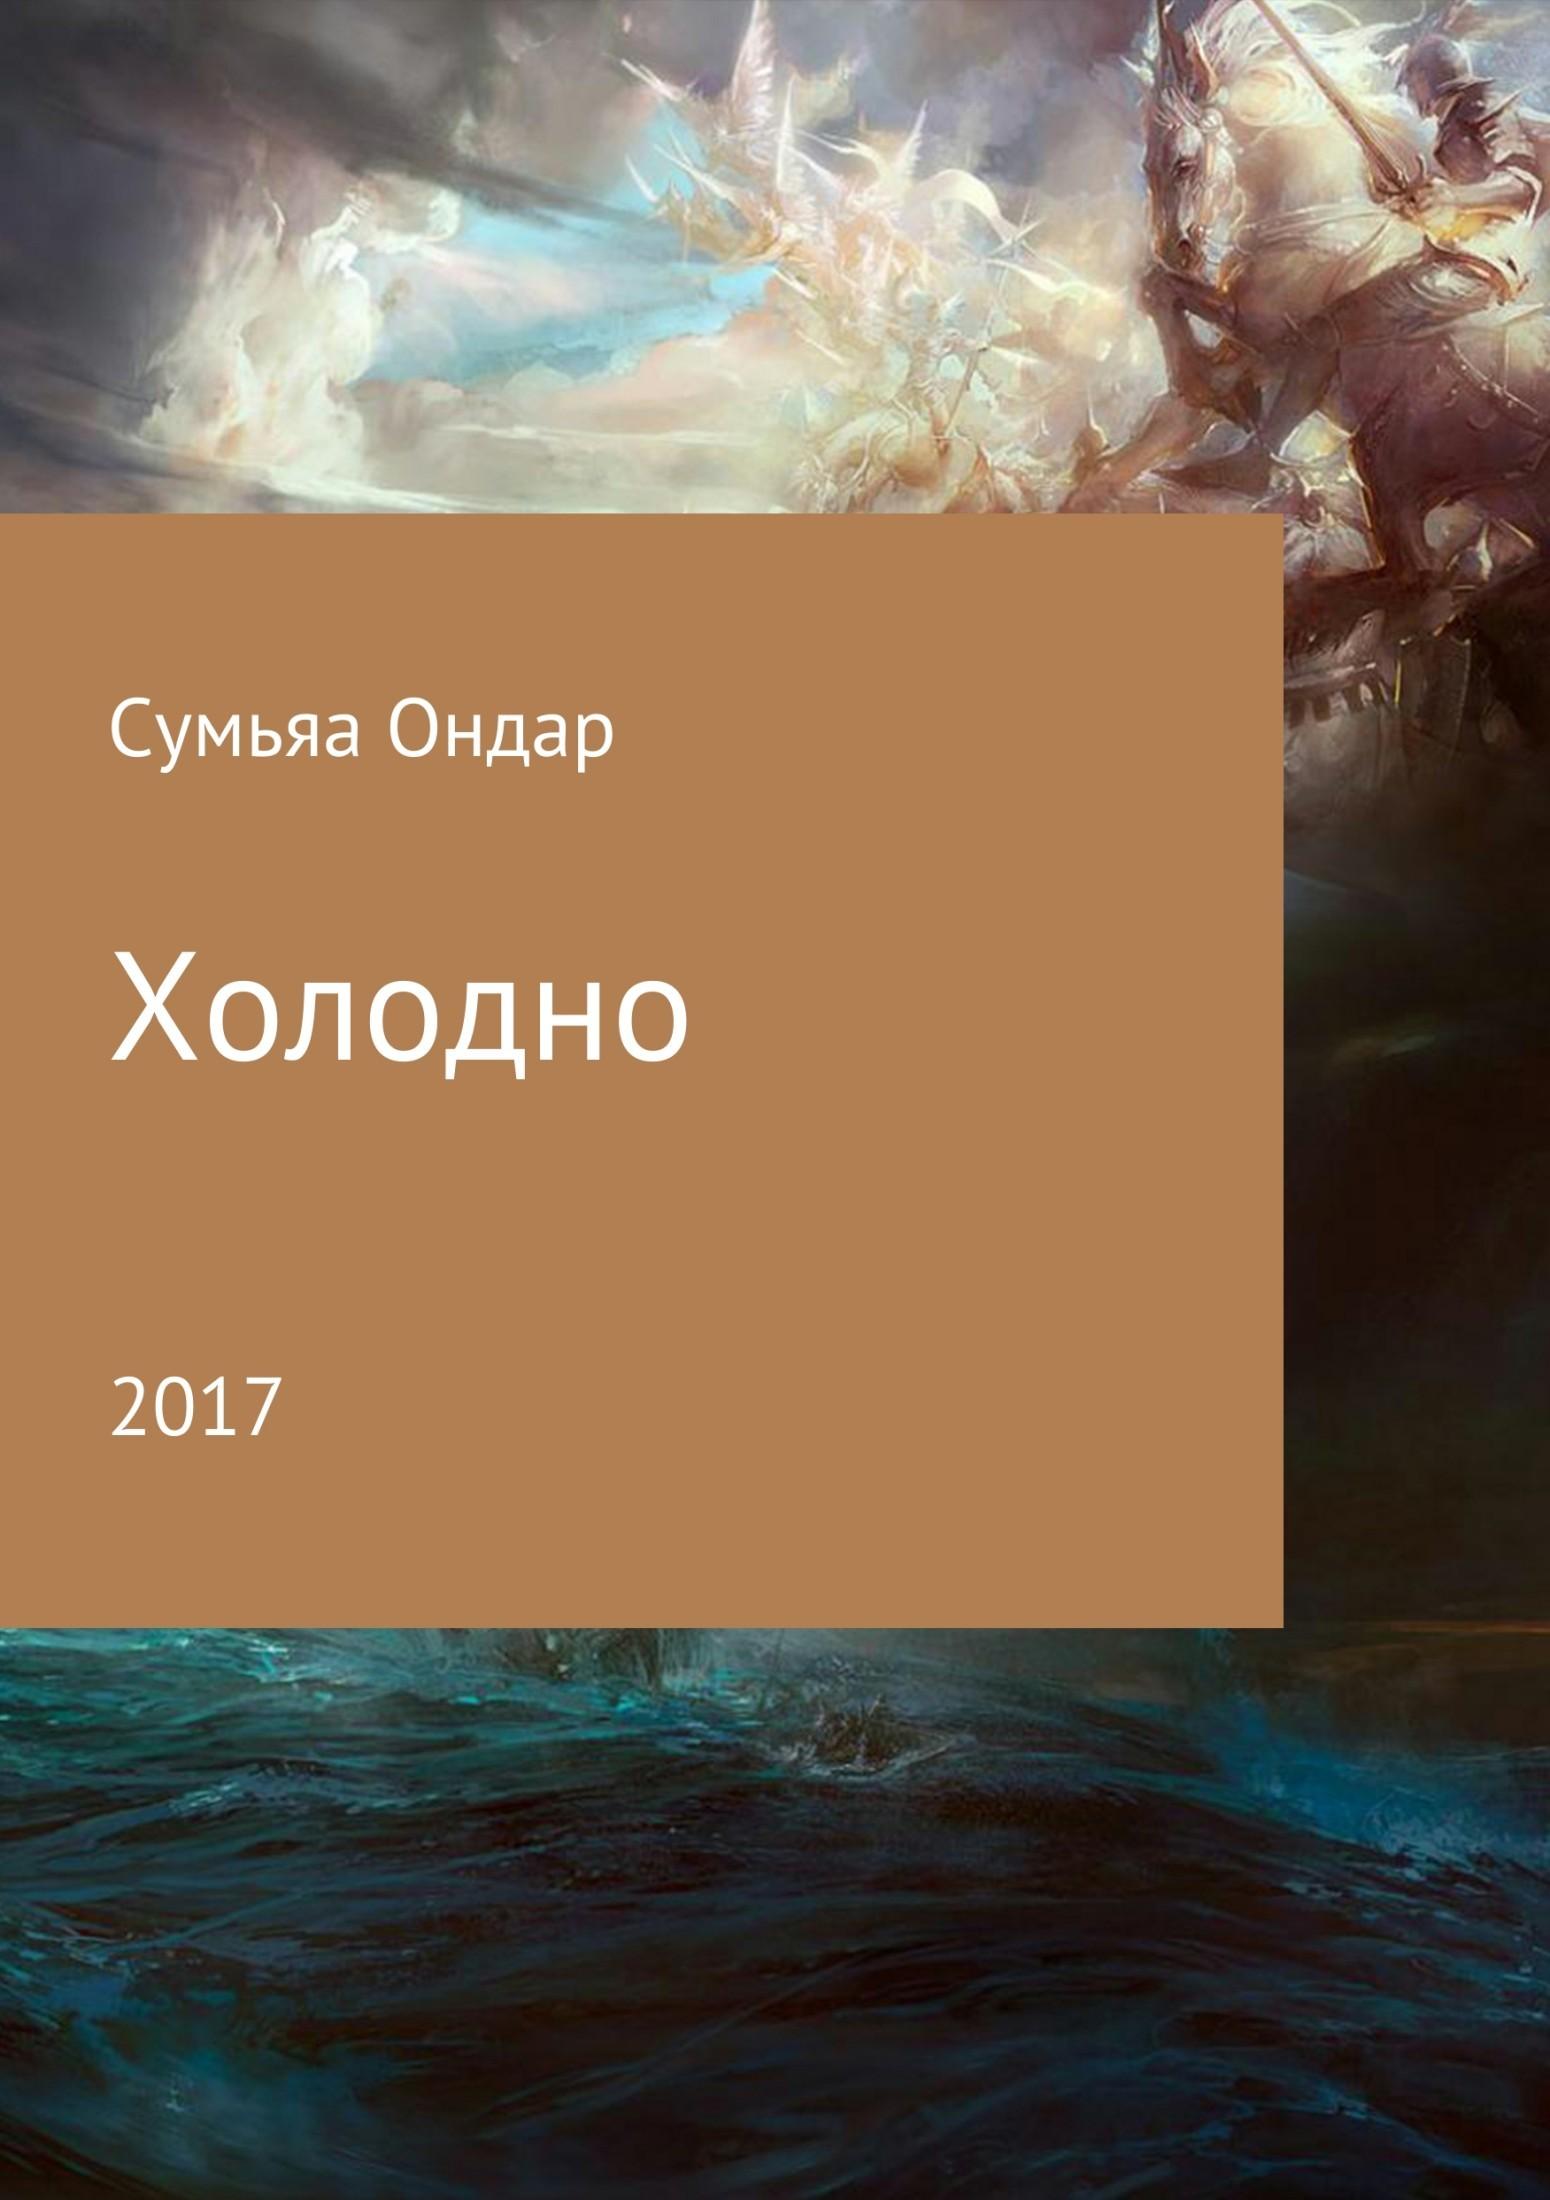 Сумьяа Мергенович Ондар Холодно